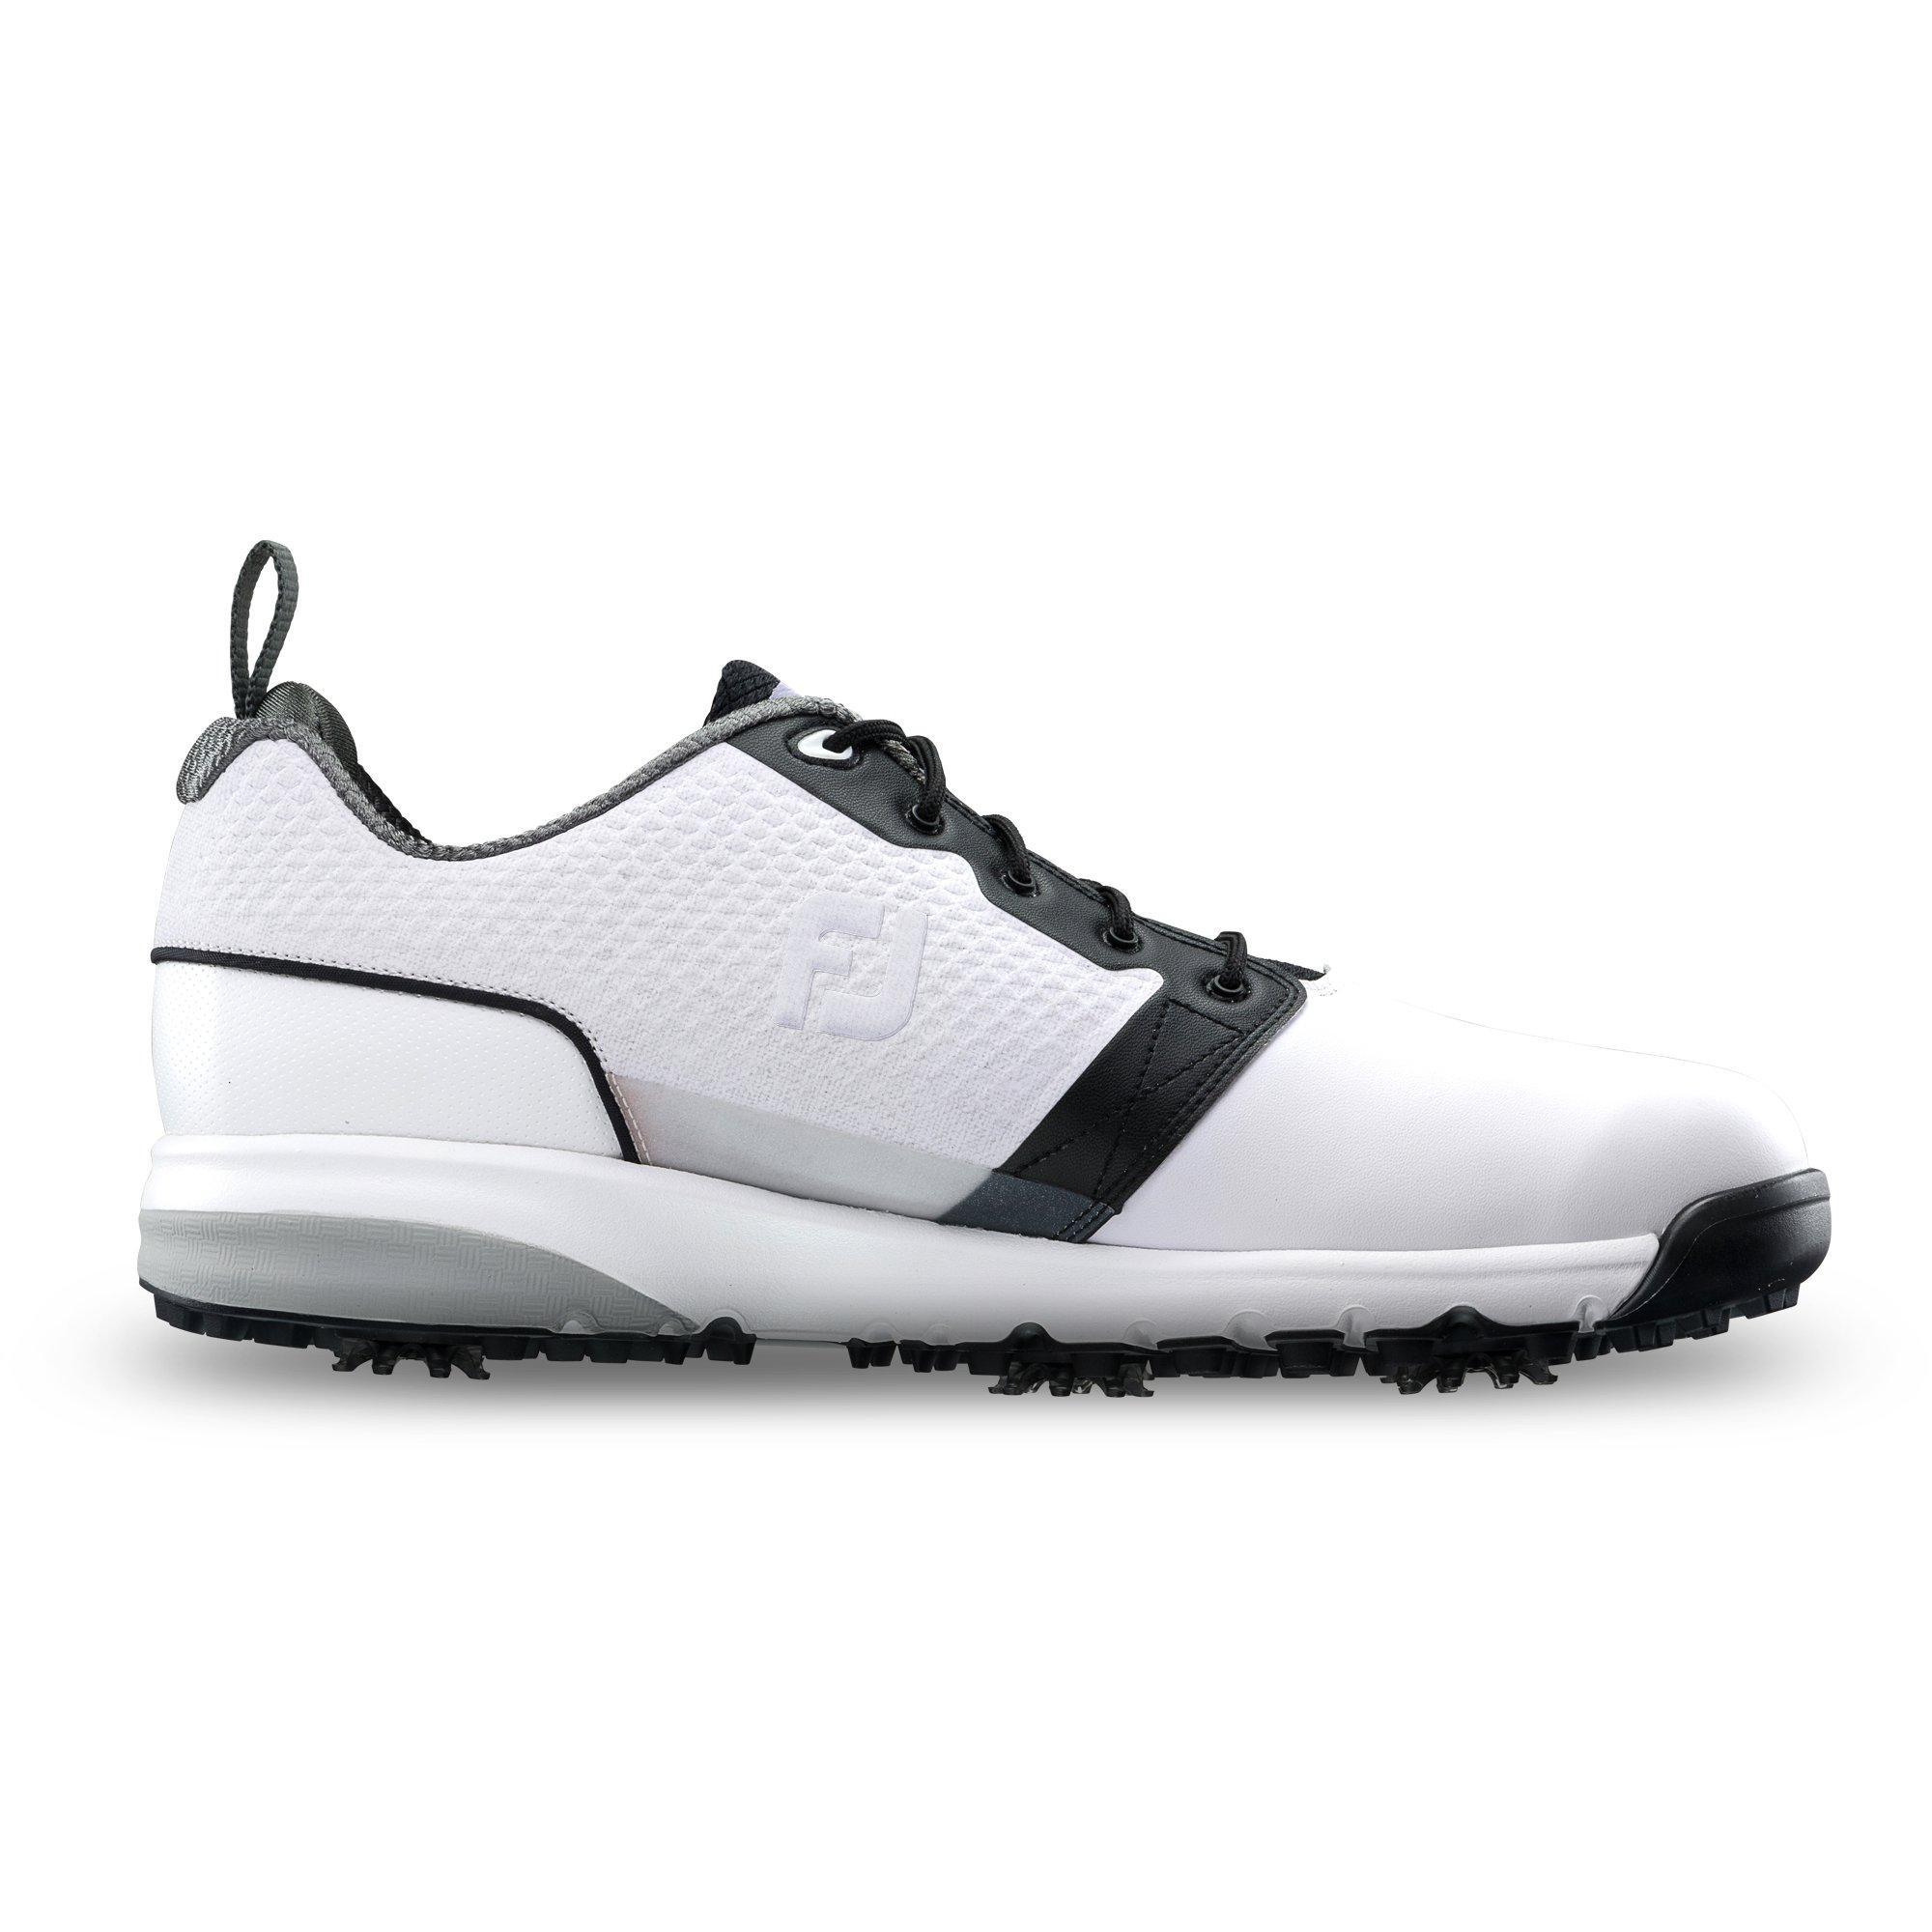 Men's Contour Fit Spiked Golf Shoe - White/Black